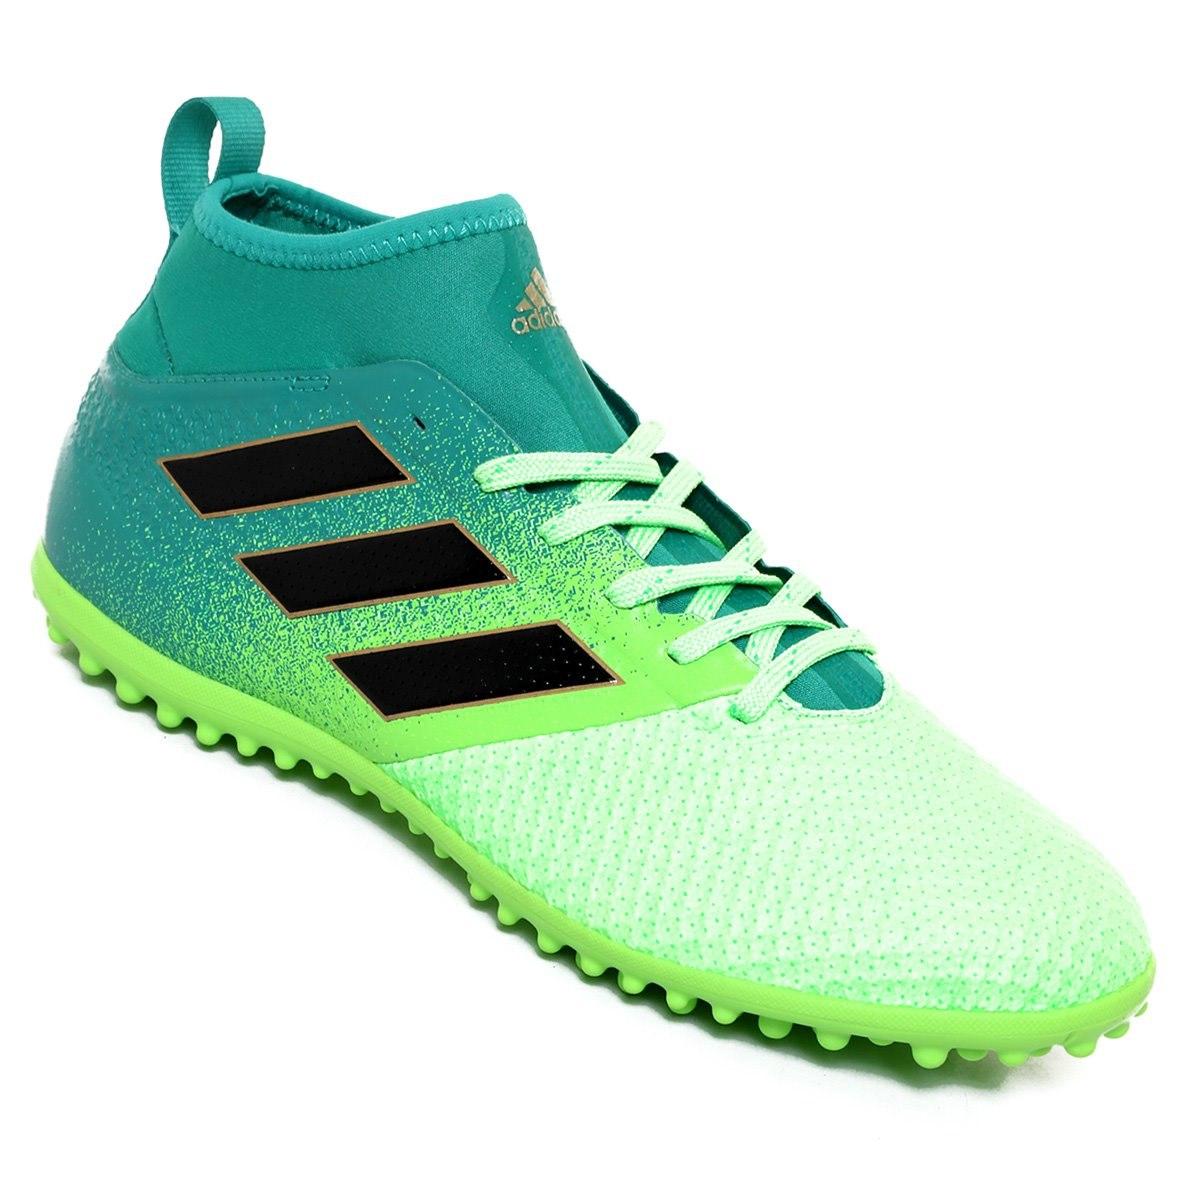 3462d01ad2ae0 Compre 2 APAGADO EN CUALQUIER CASO tenis de futbol adidas Y OBTENGA ...